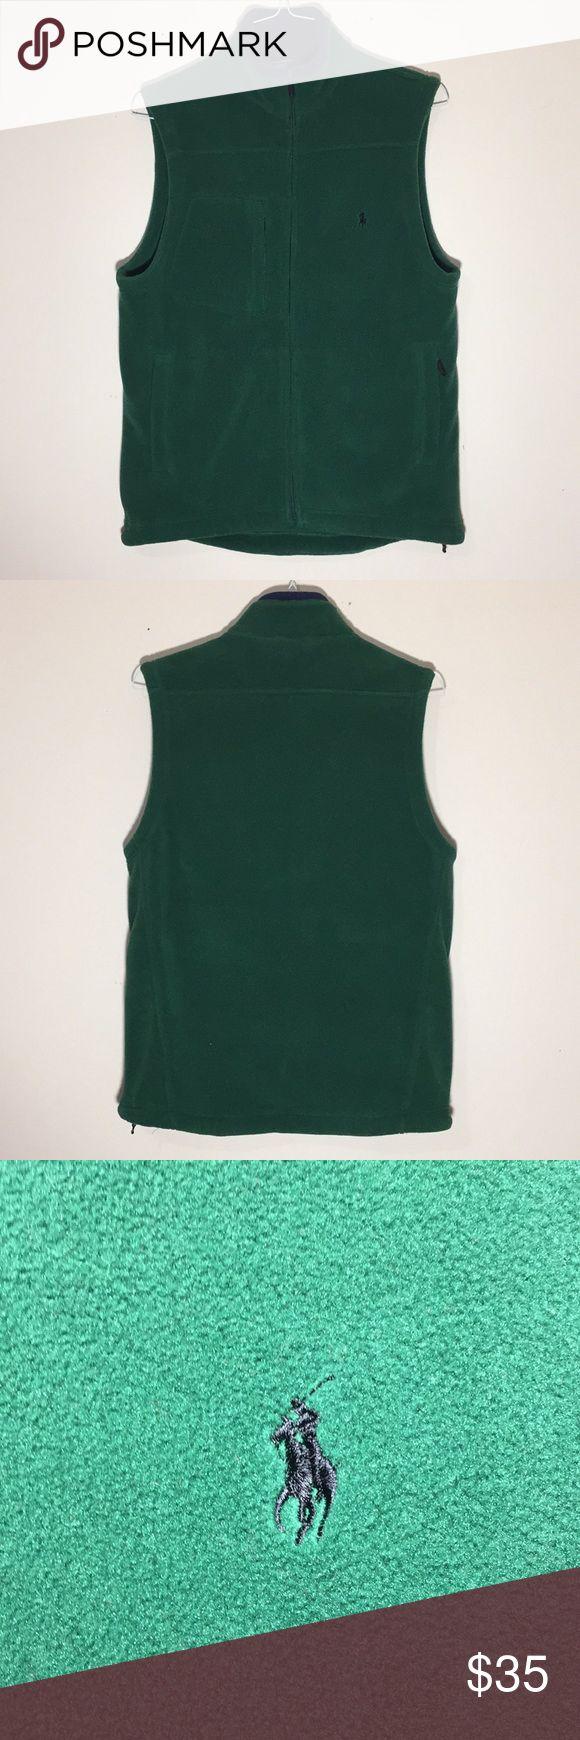 🔥Vintage 1990s Ralph Lauren Fleece Vest Good Condition  IF YOU BUNDLE, I WILL…